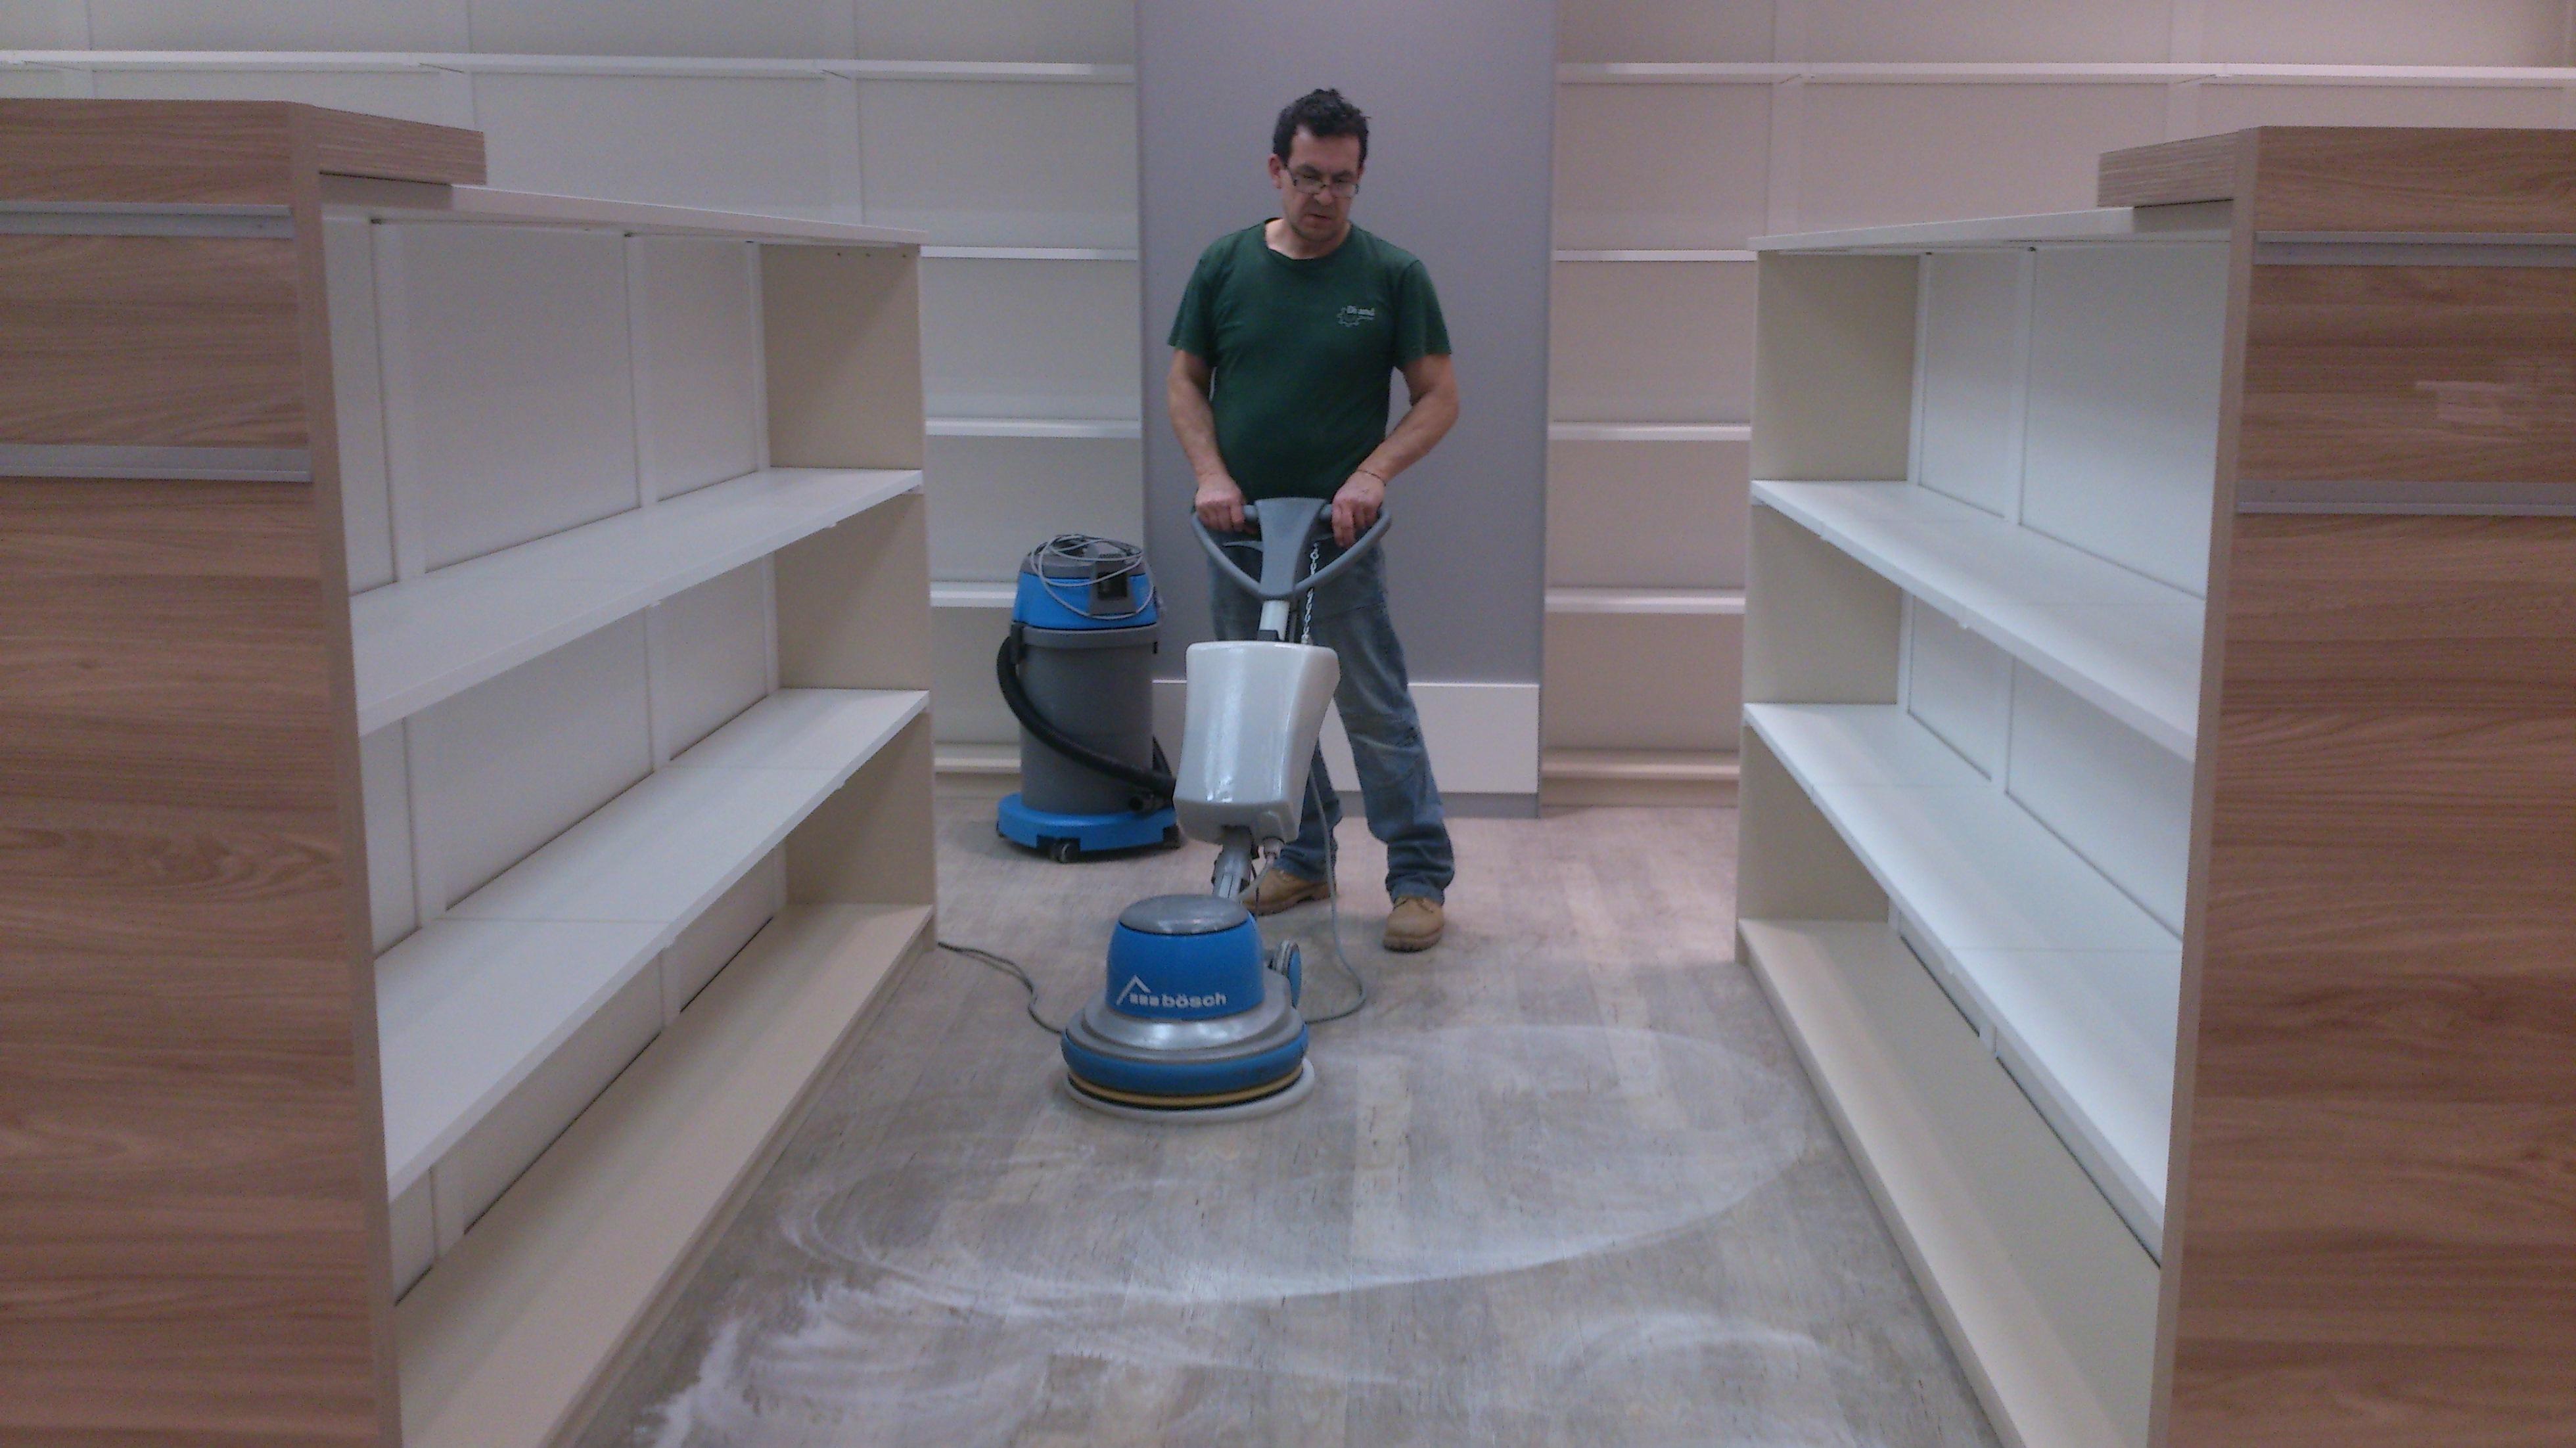 Postavebné strojové čistenie podlahy